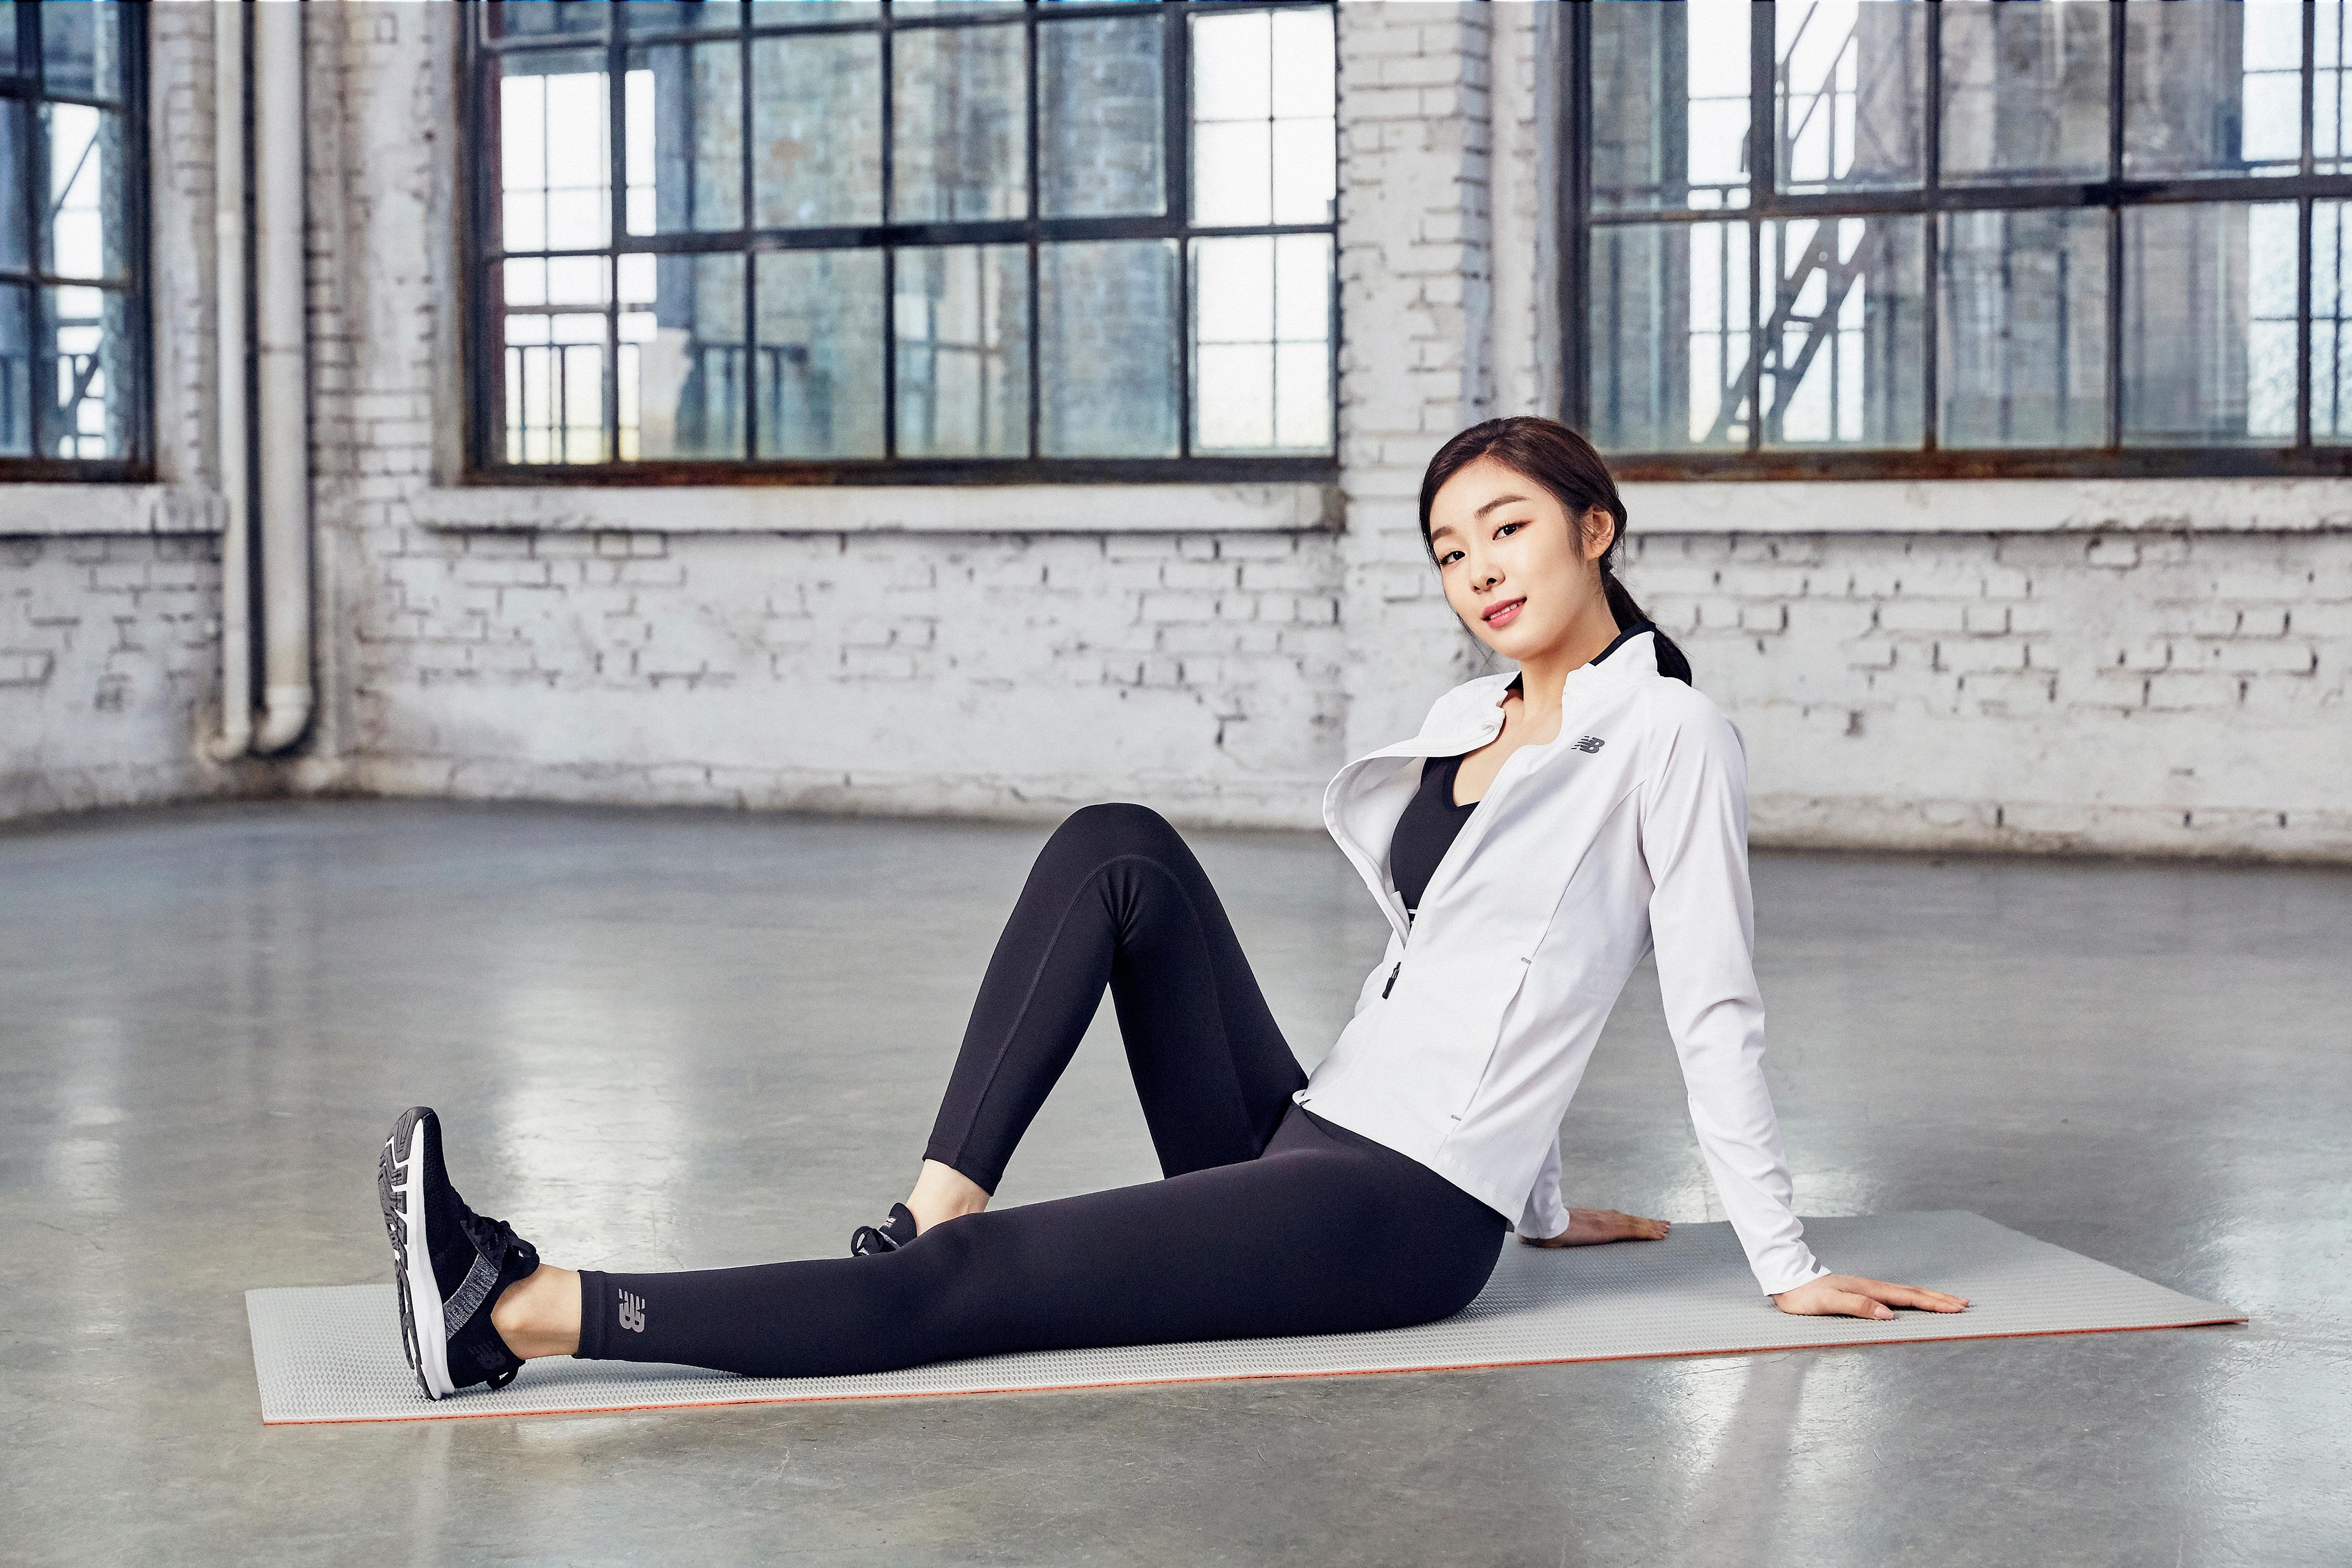 김연아 뉴발란스 '코어 발란스 애슬레저' 화보 ② 고화질